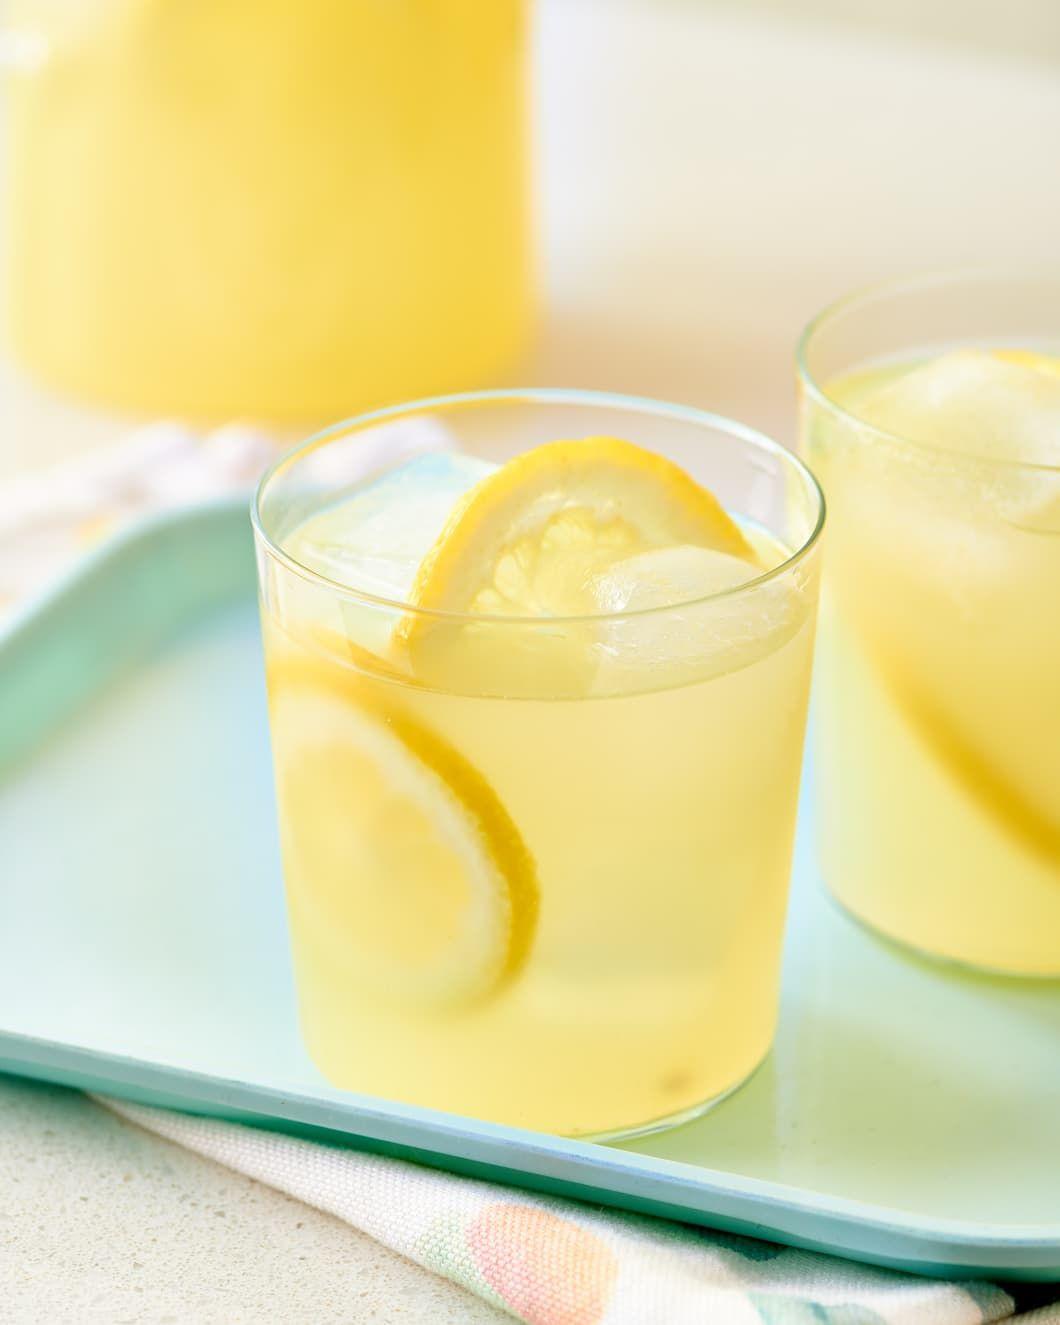 3 Tiny Tricks for Better Lemonade (That Don't Cost Anything!) #easylemonaderecipe